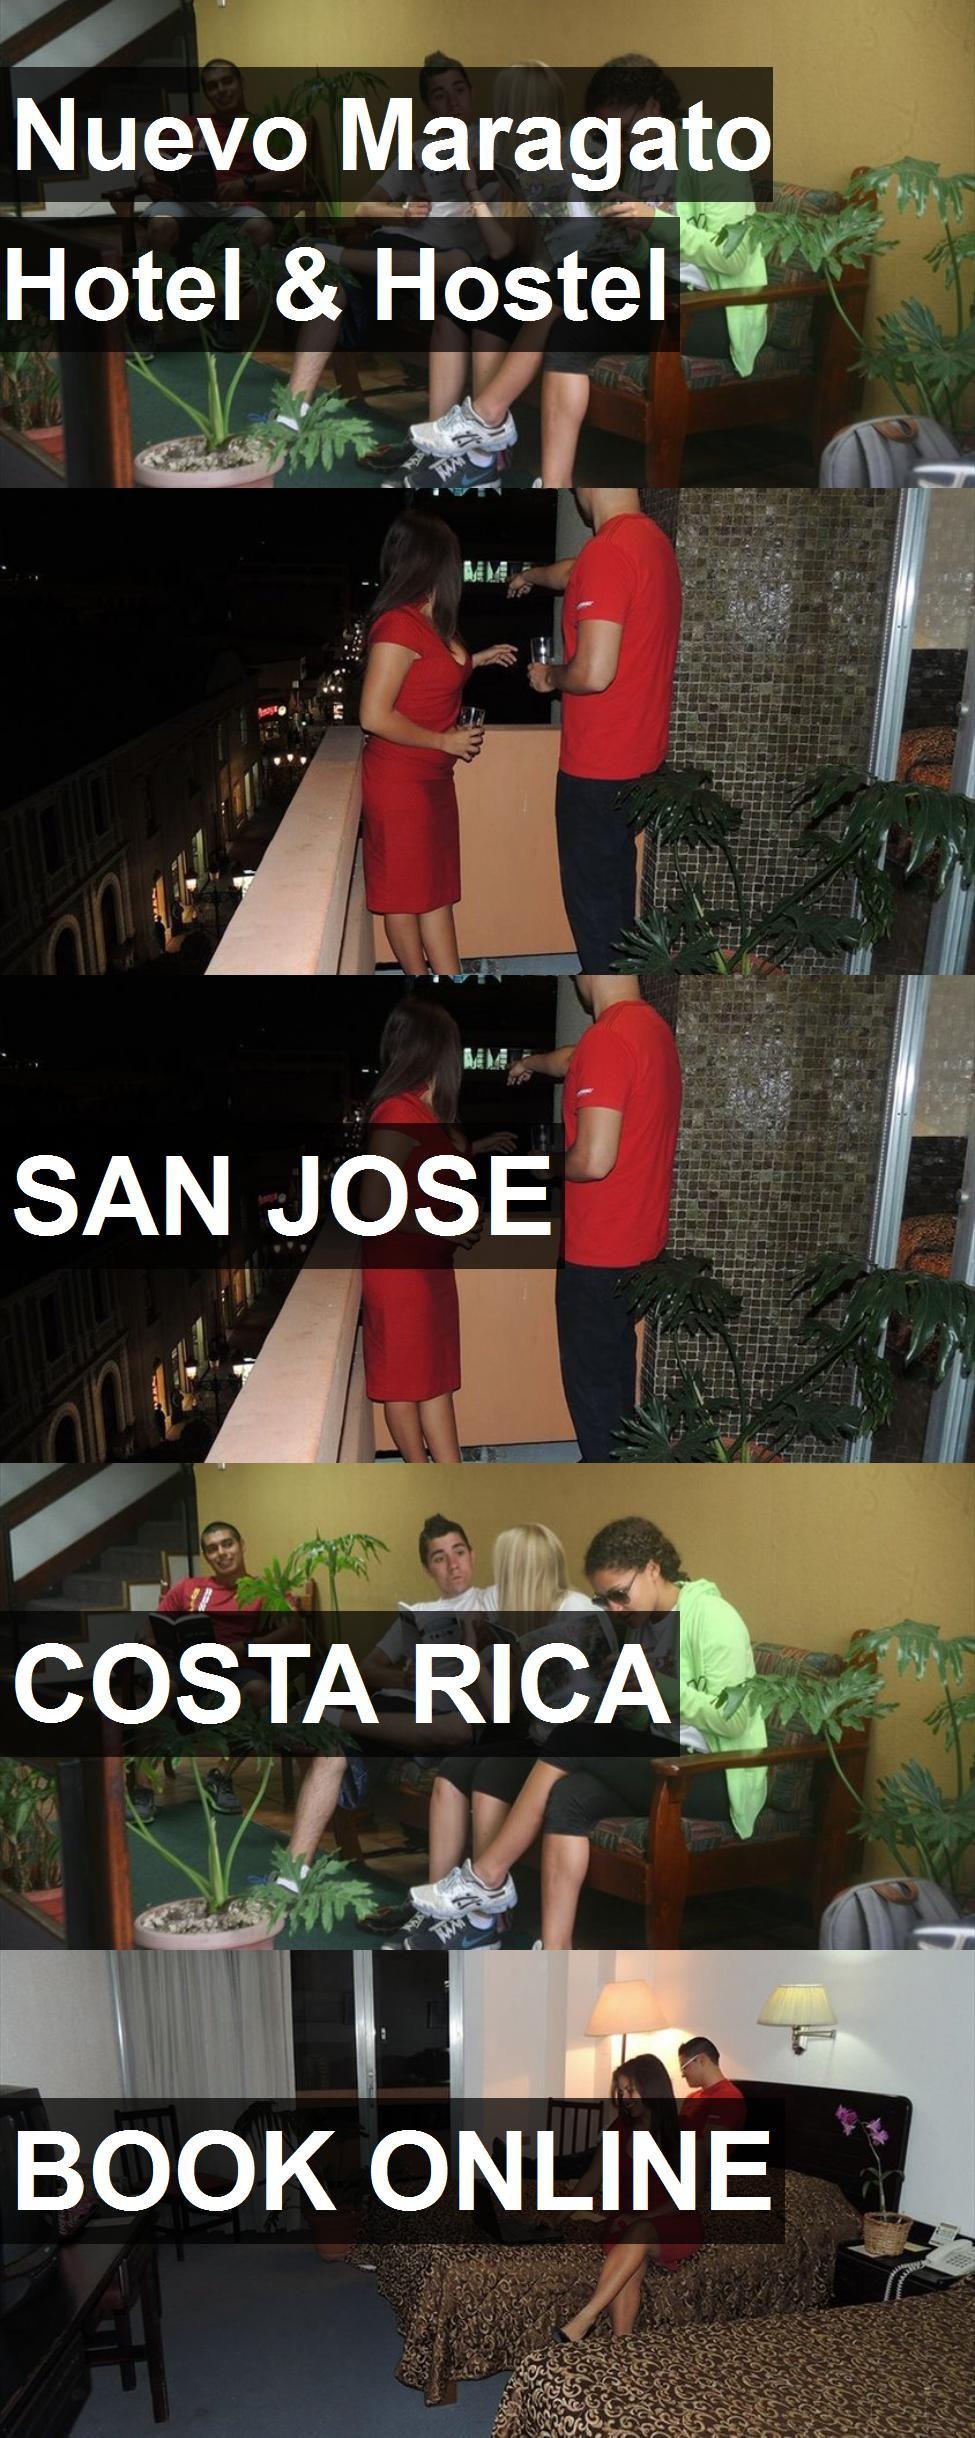 Nuevo Maragato Hotel Costa rica books, San jose costa